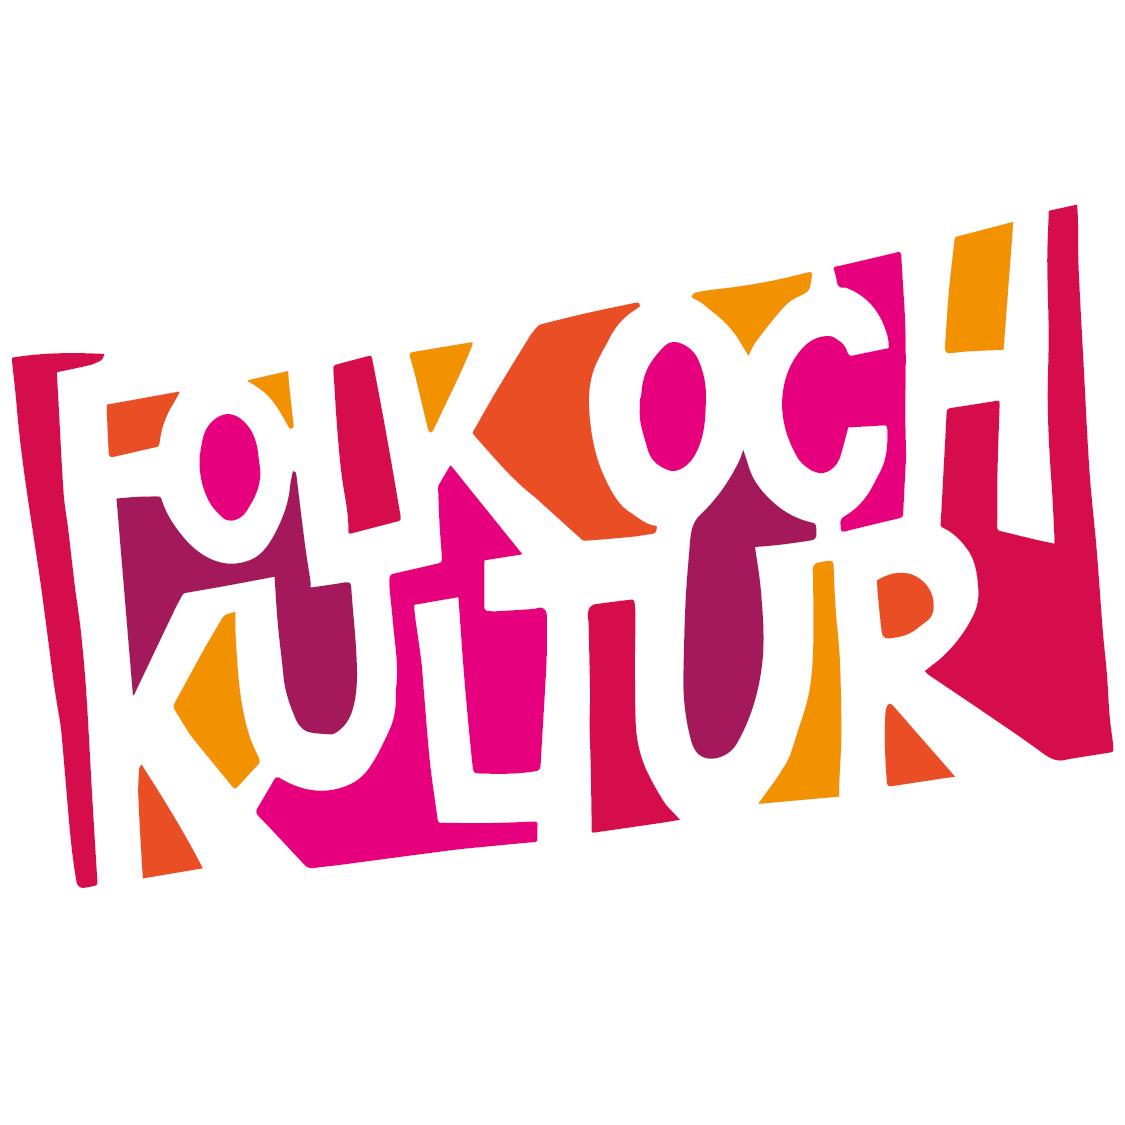 Folk och kultur